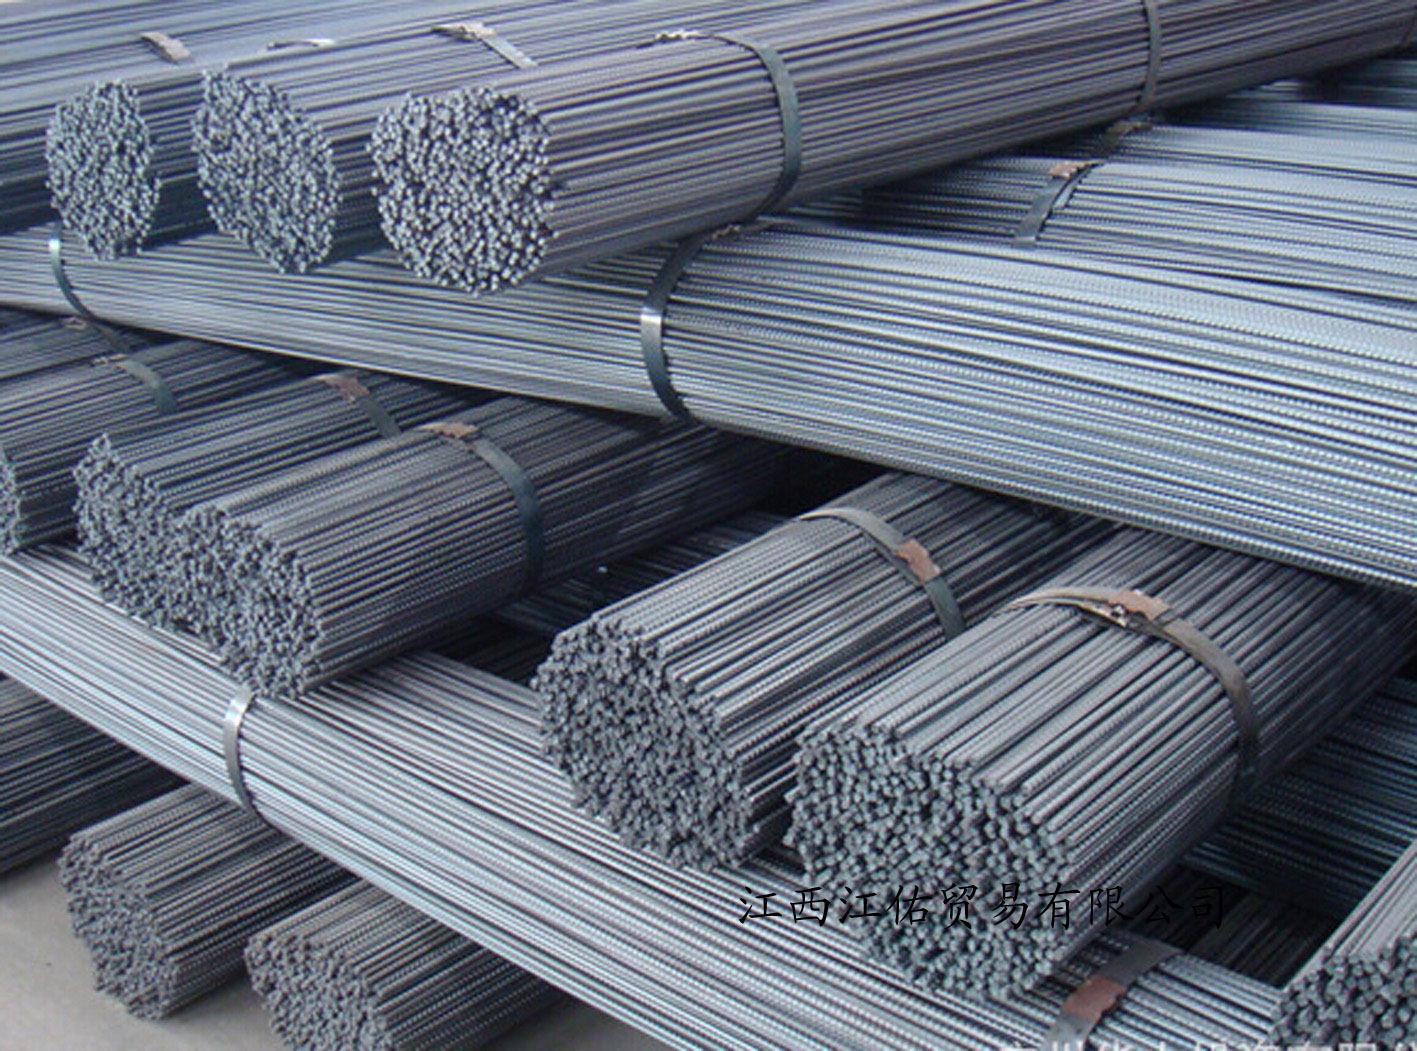 螺纹钢 HRB400 型材 龙钢 唐钢 各种规格钢材批发